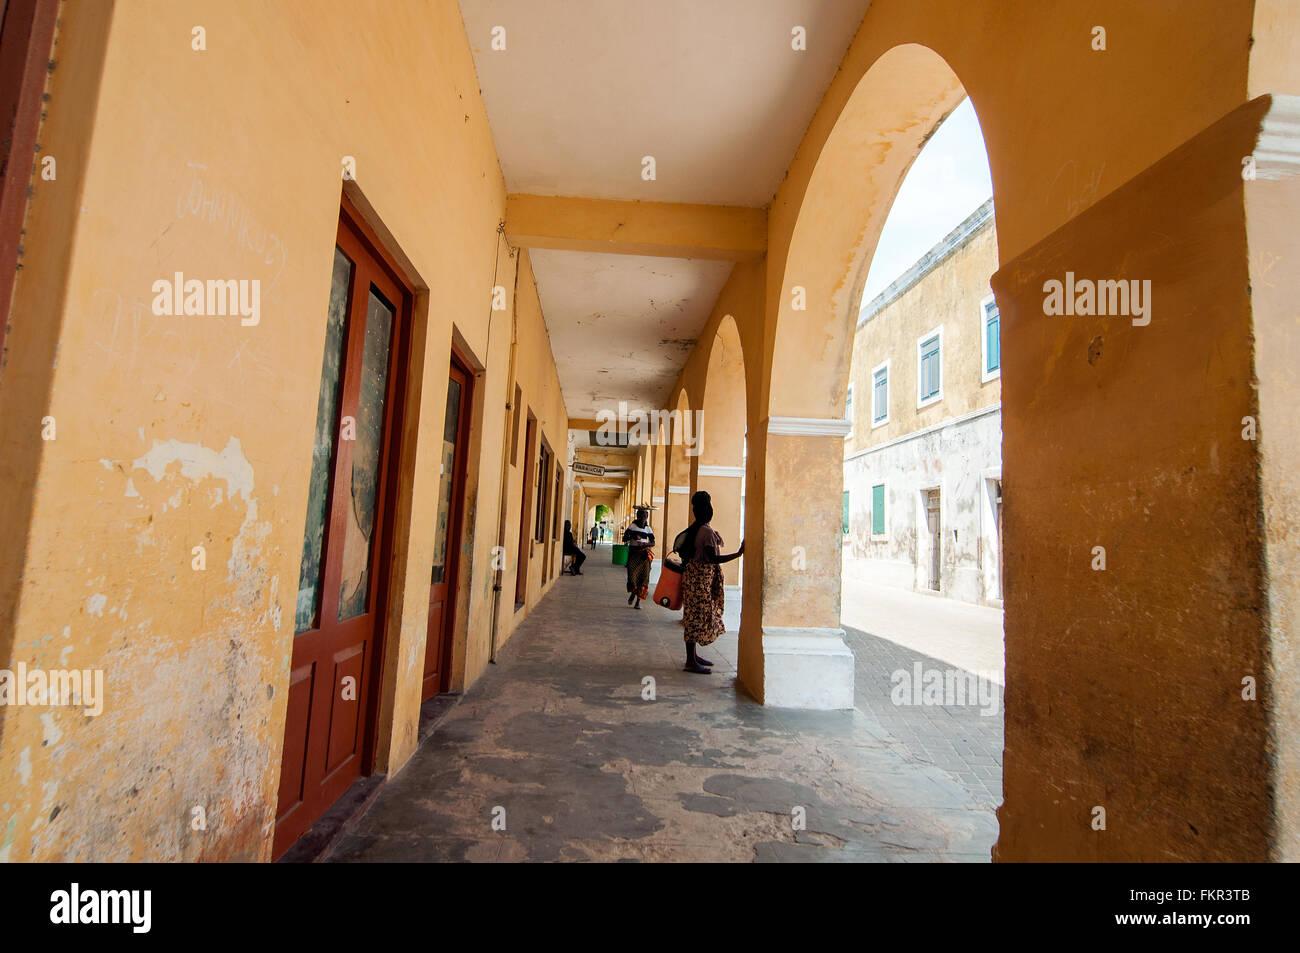 Colonial arcade, Ilha de Mozambique, Nampula, Mozambique - Stock Image